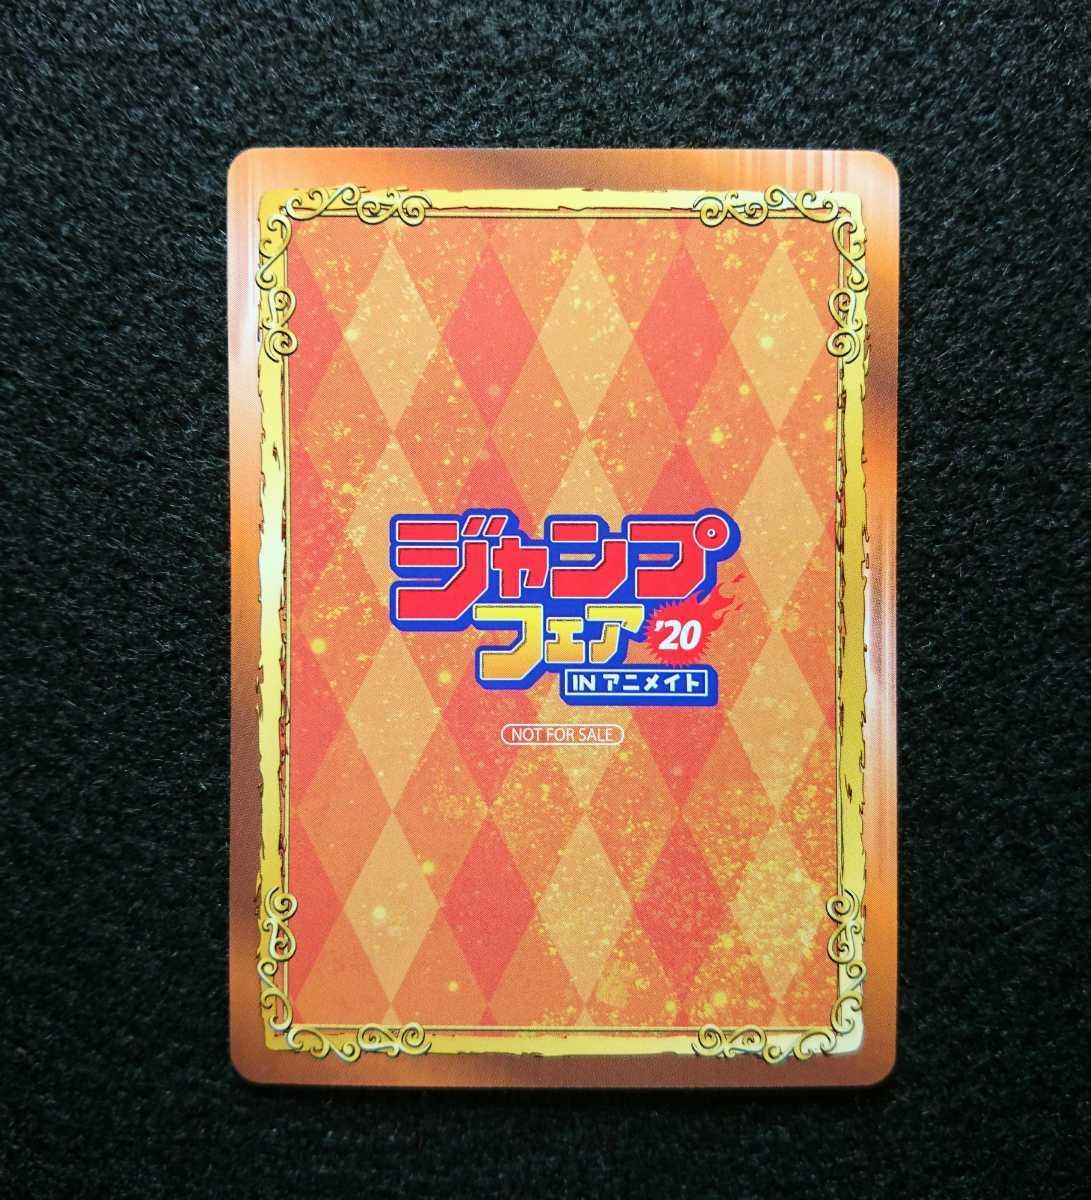 ジャンプフェア 20 怪物事変 カード アニメイト_画像2